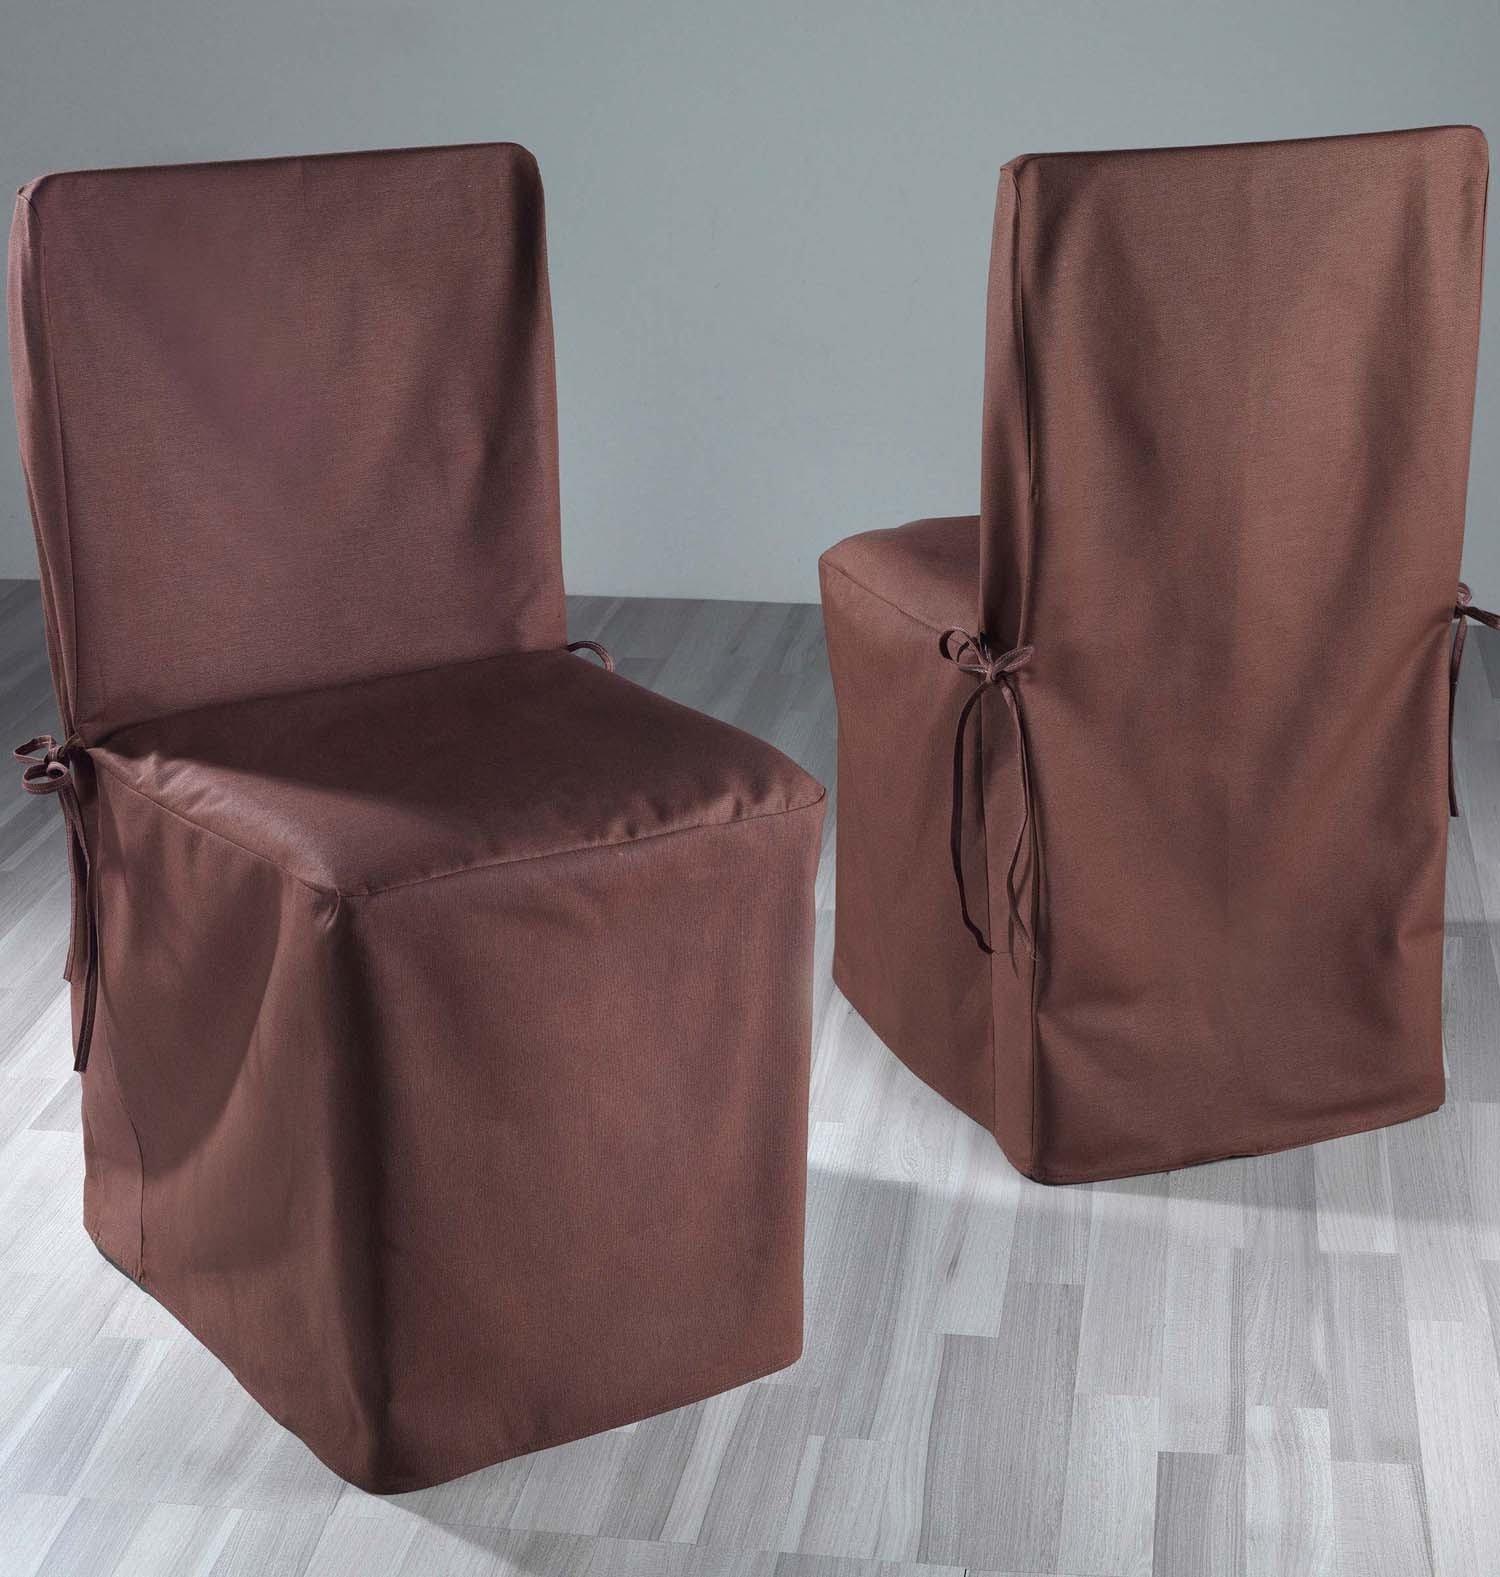 Copri-sedia,2 pz. marrone